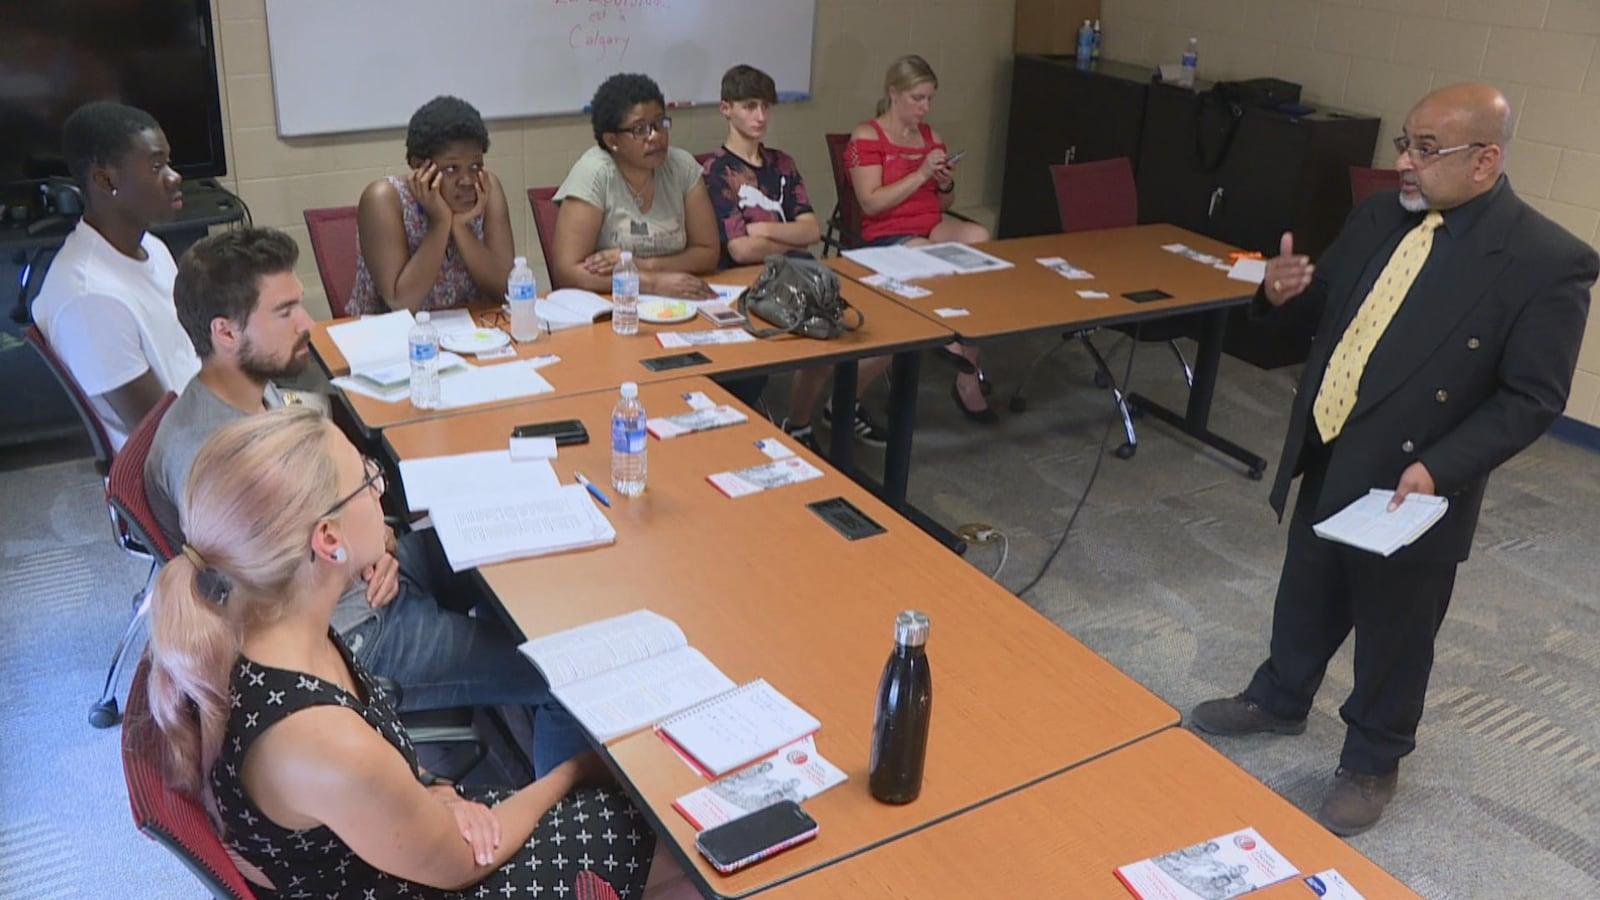 Un homme habillé en costume fait la classe à une dizaine d'élèves - immigrants francophones, assis autour de tables installés en L.